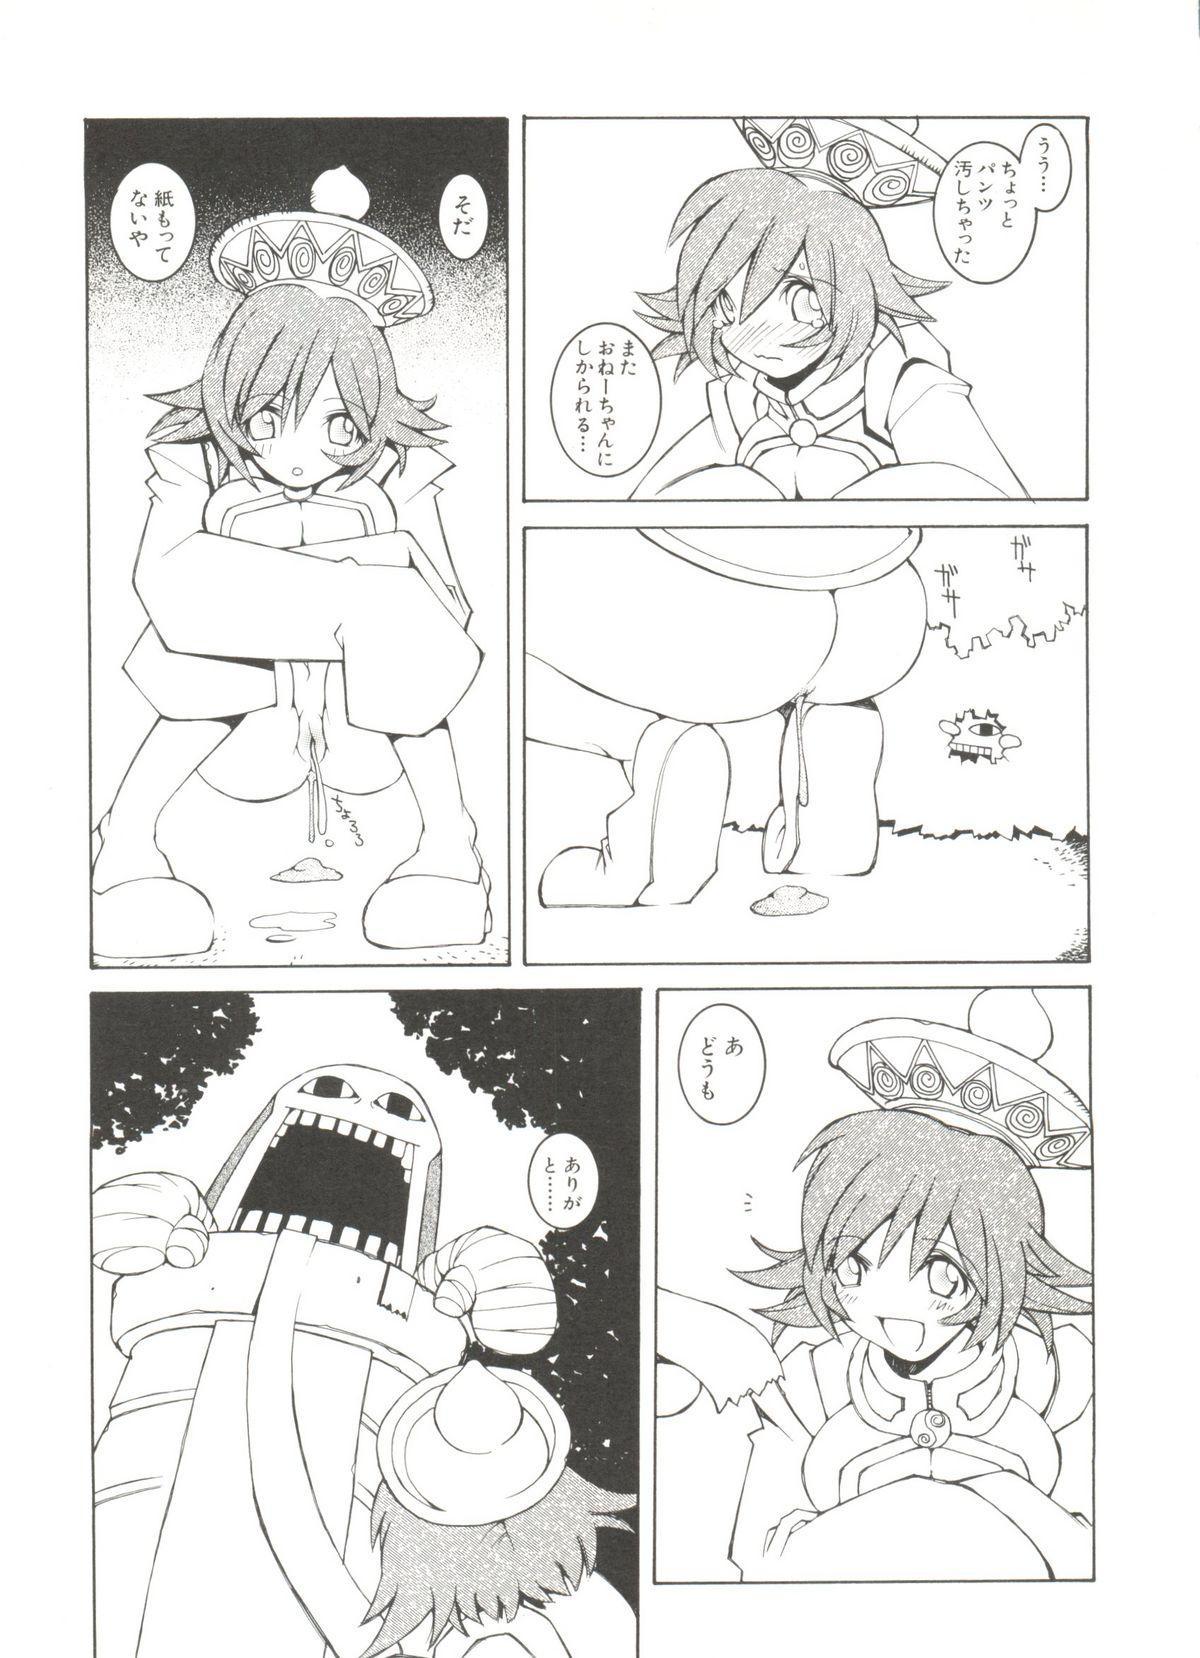 Denei Tamate Bako Bishoujo Doujinshi Anthology Vol. 2 - Nishinhou no Tenshi 58